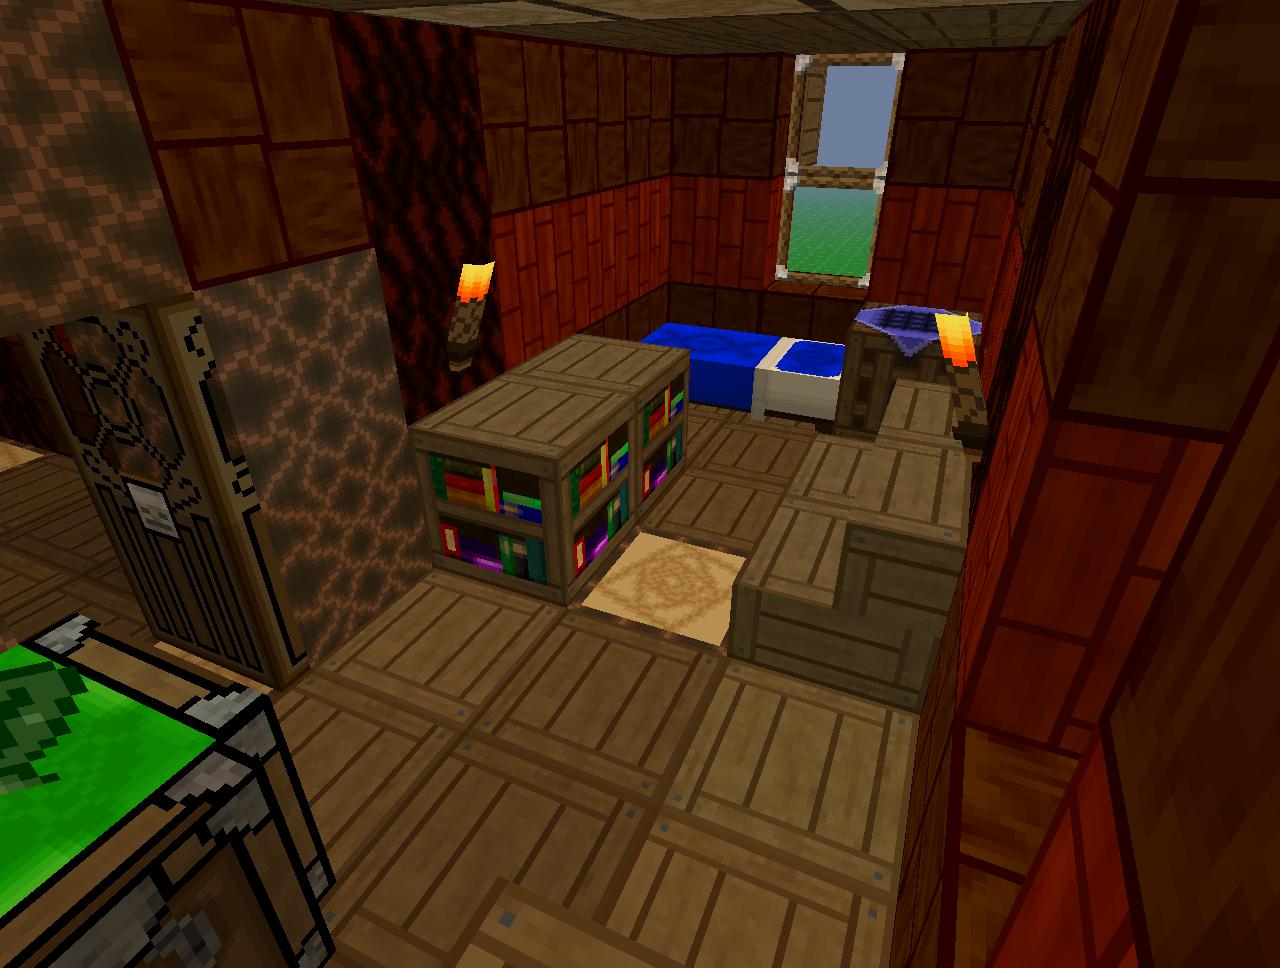 Coolest Minecraft Bedrooms